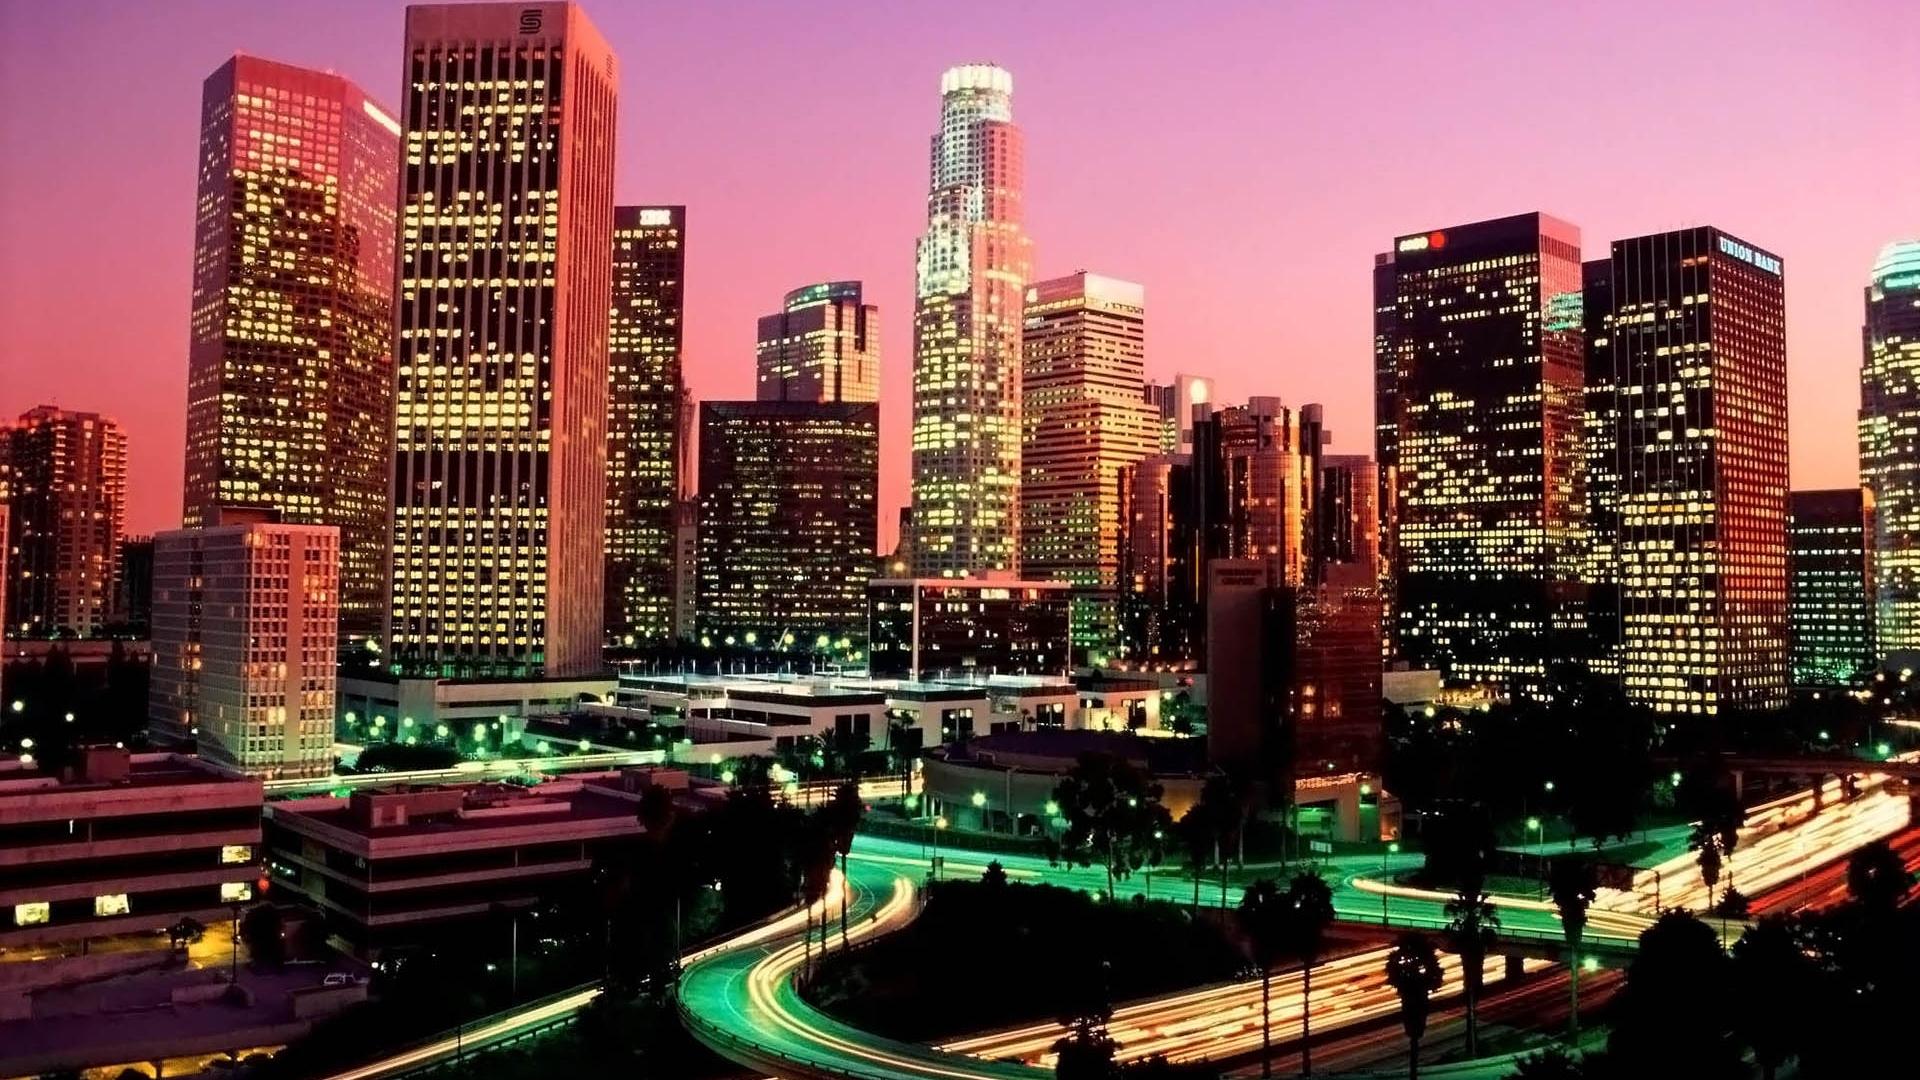 デスクトップ壁紙 ロサンゼルス 超高層ビル 夜 道路 大都市 19x1080 4kwallpaper デスクトップ壁紙 Wallhere